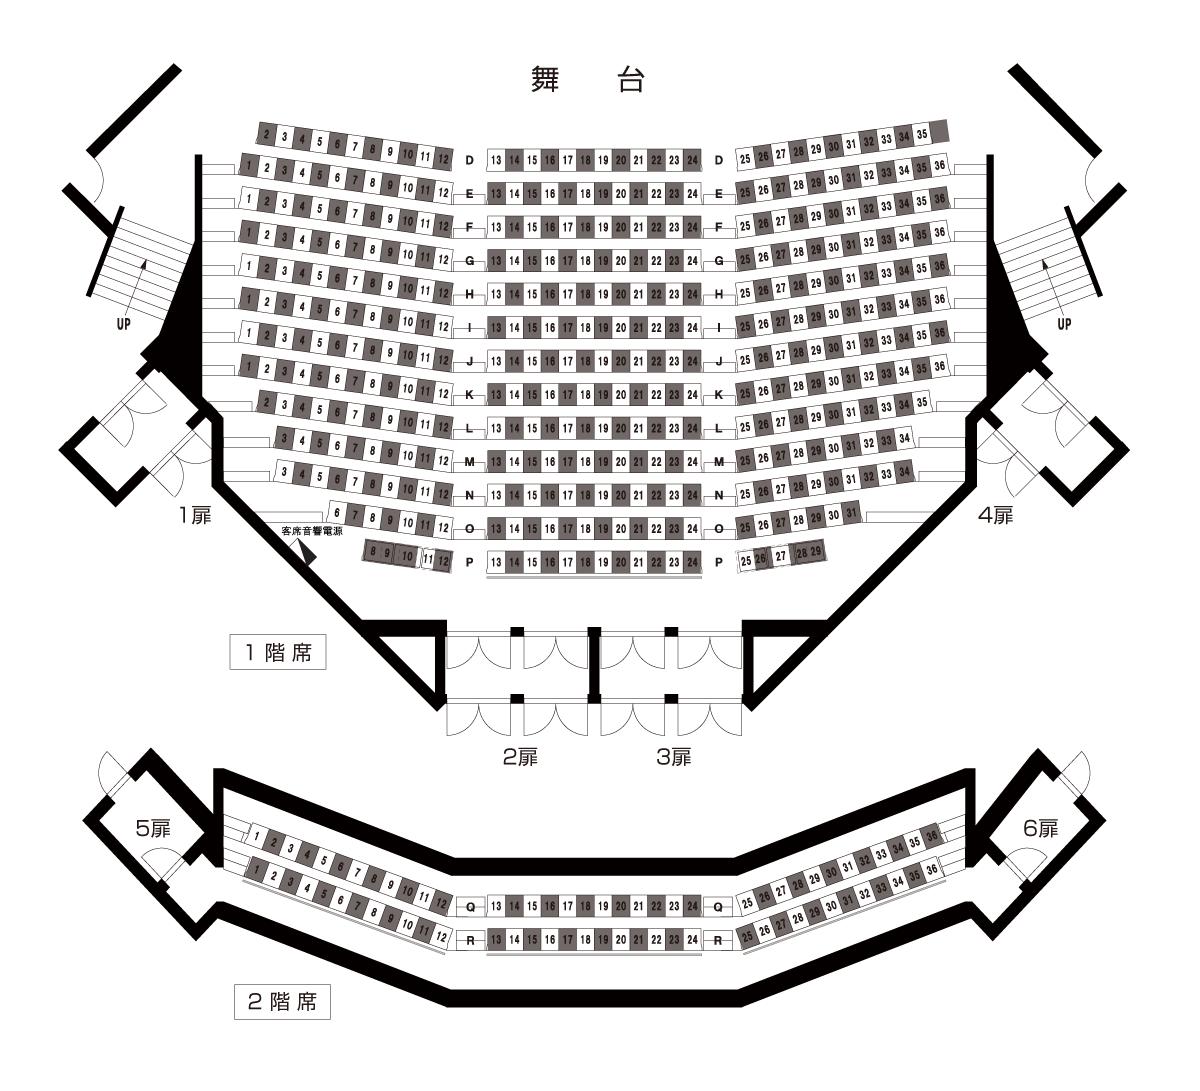 シアターホール(2階)